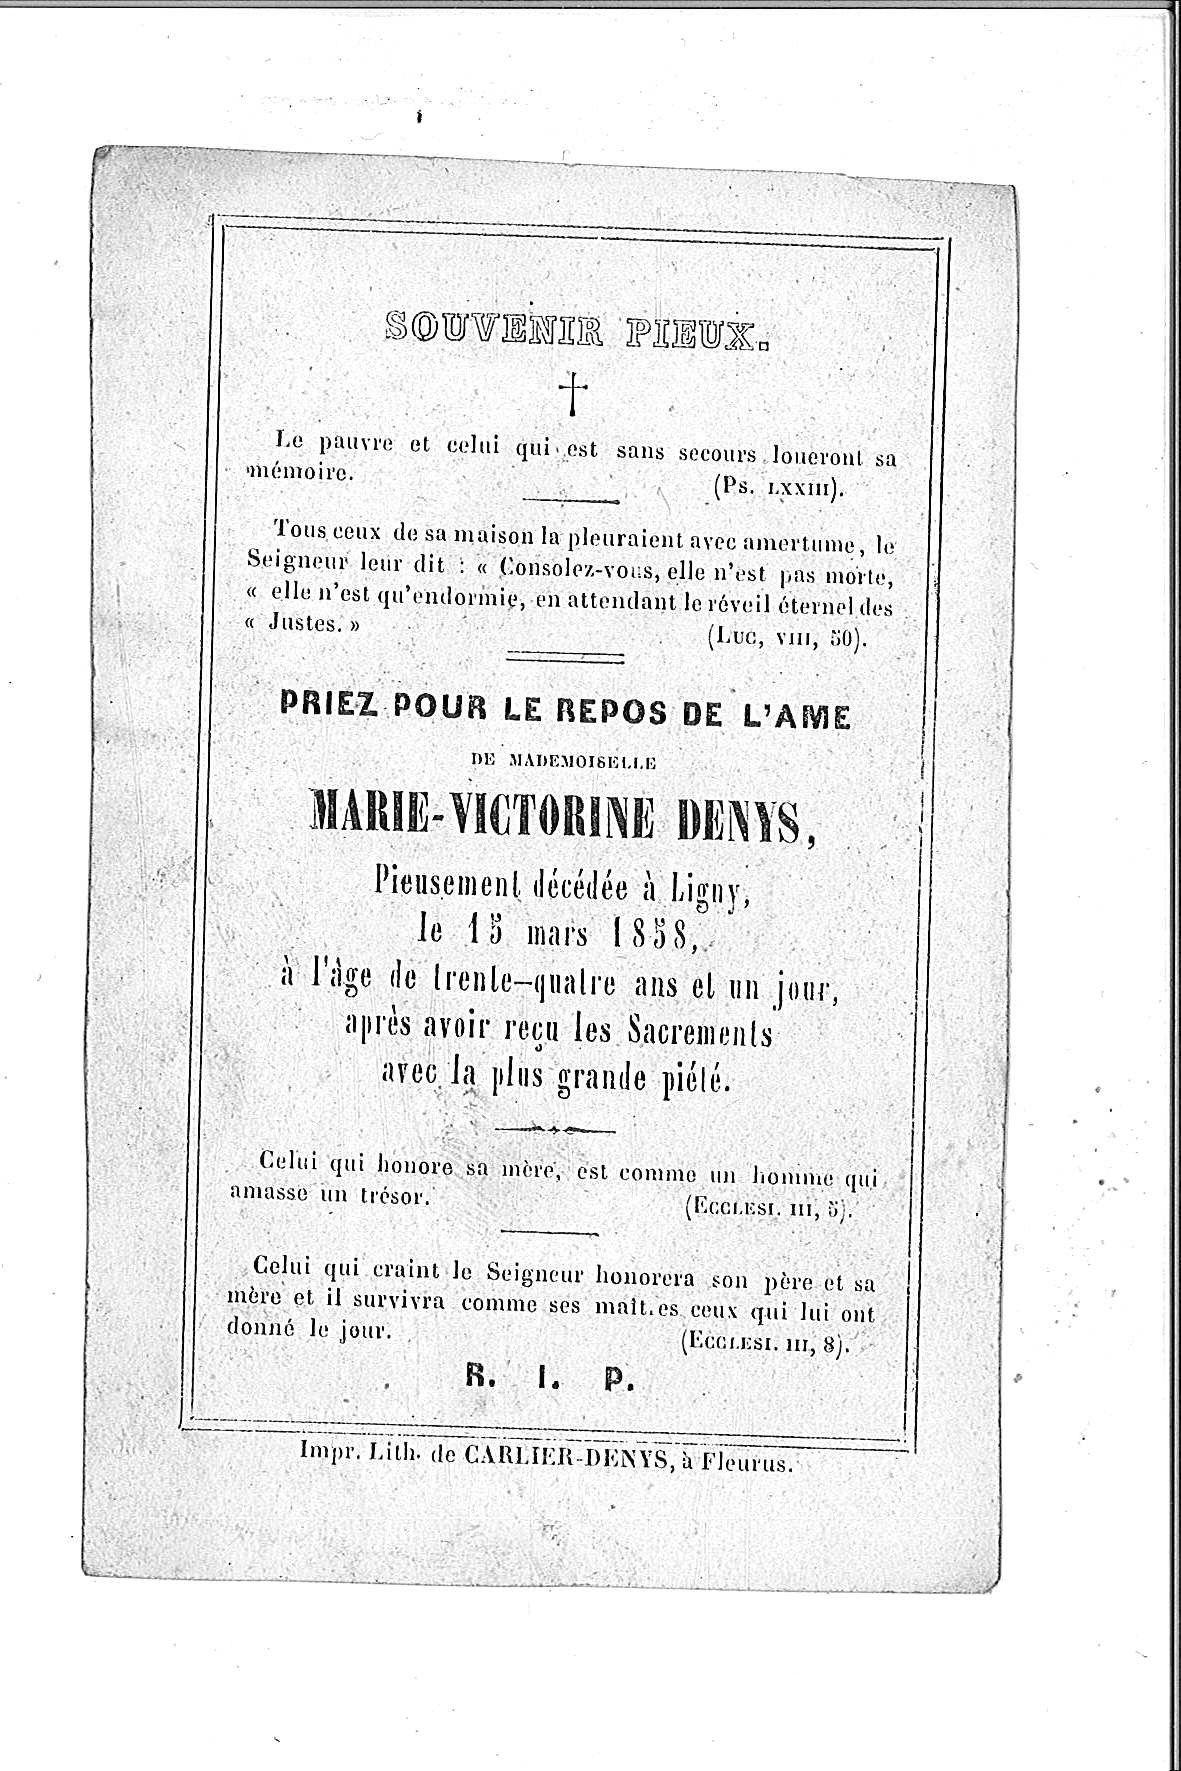 Marie-Victorine(1858)20150415104000_00068.jpg